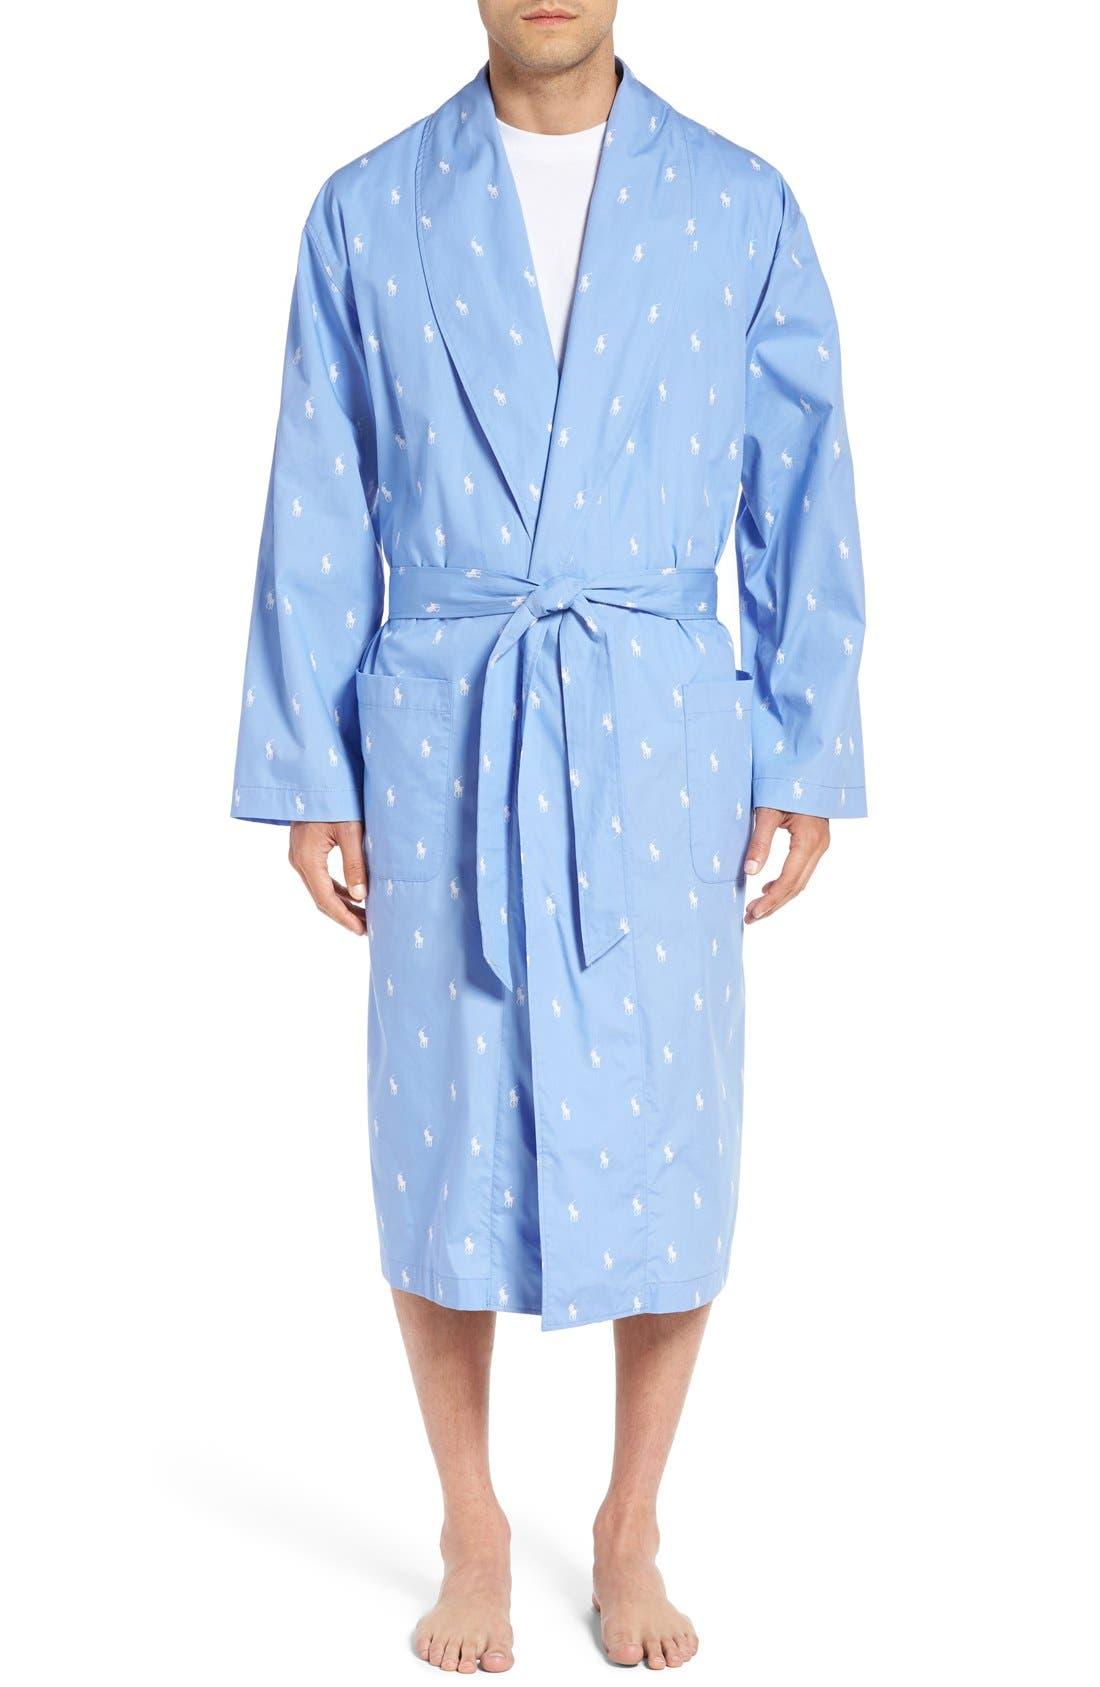 Polo Ralph Lauren 'Polo Player' Cotton Robe